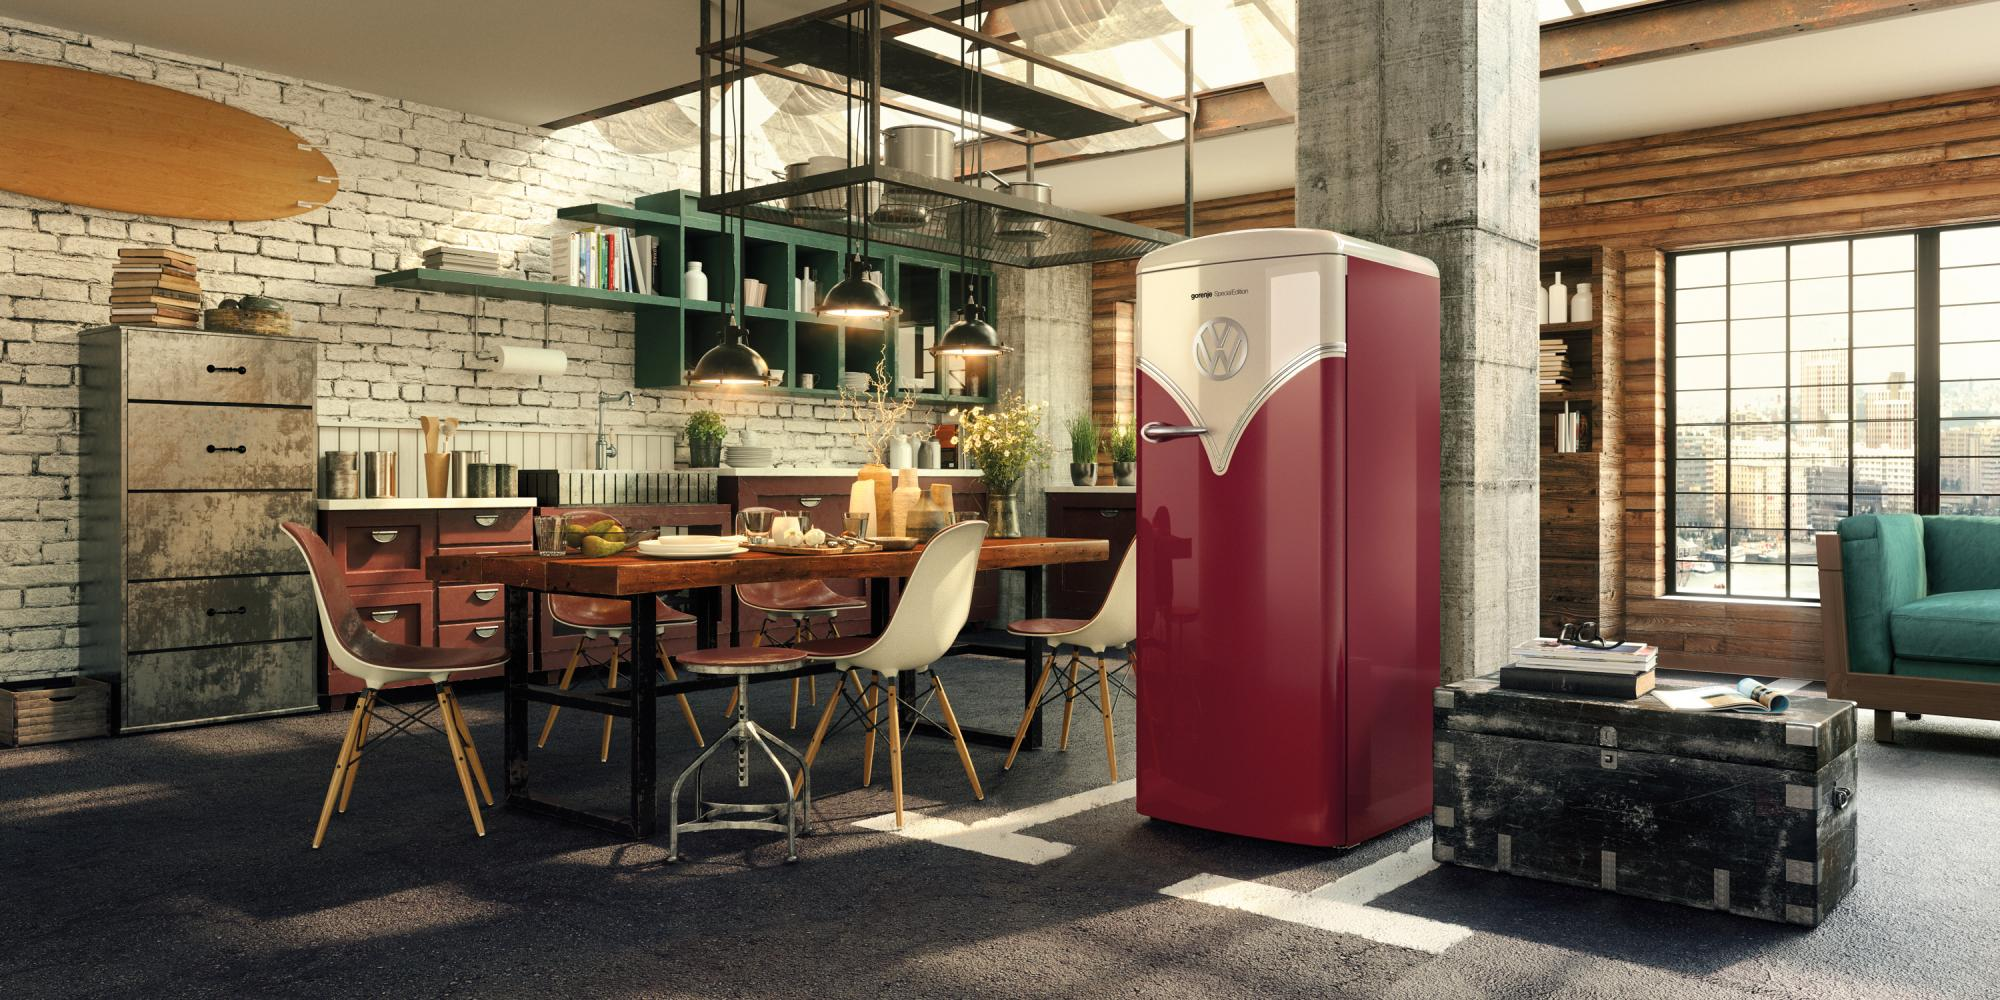 Geladeira com design de Kombi foi lançada pela marca eslovena Gorenje.  Foto: Reprodução